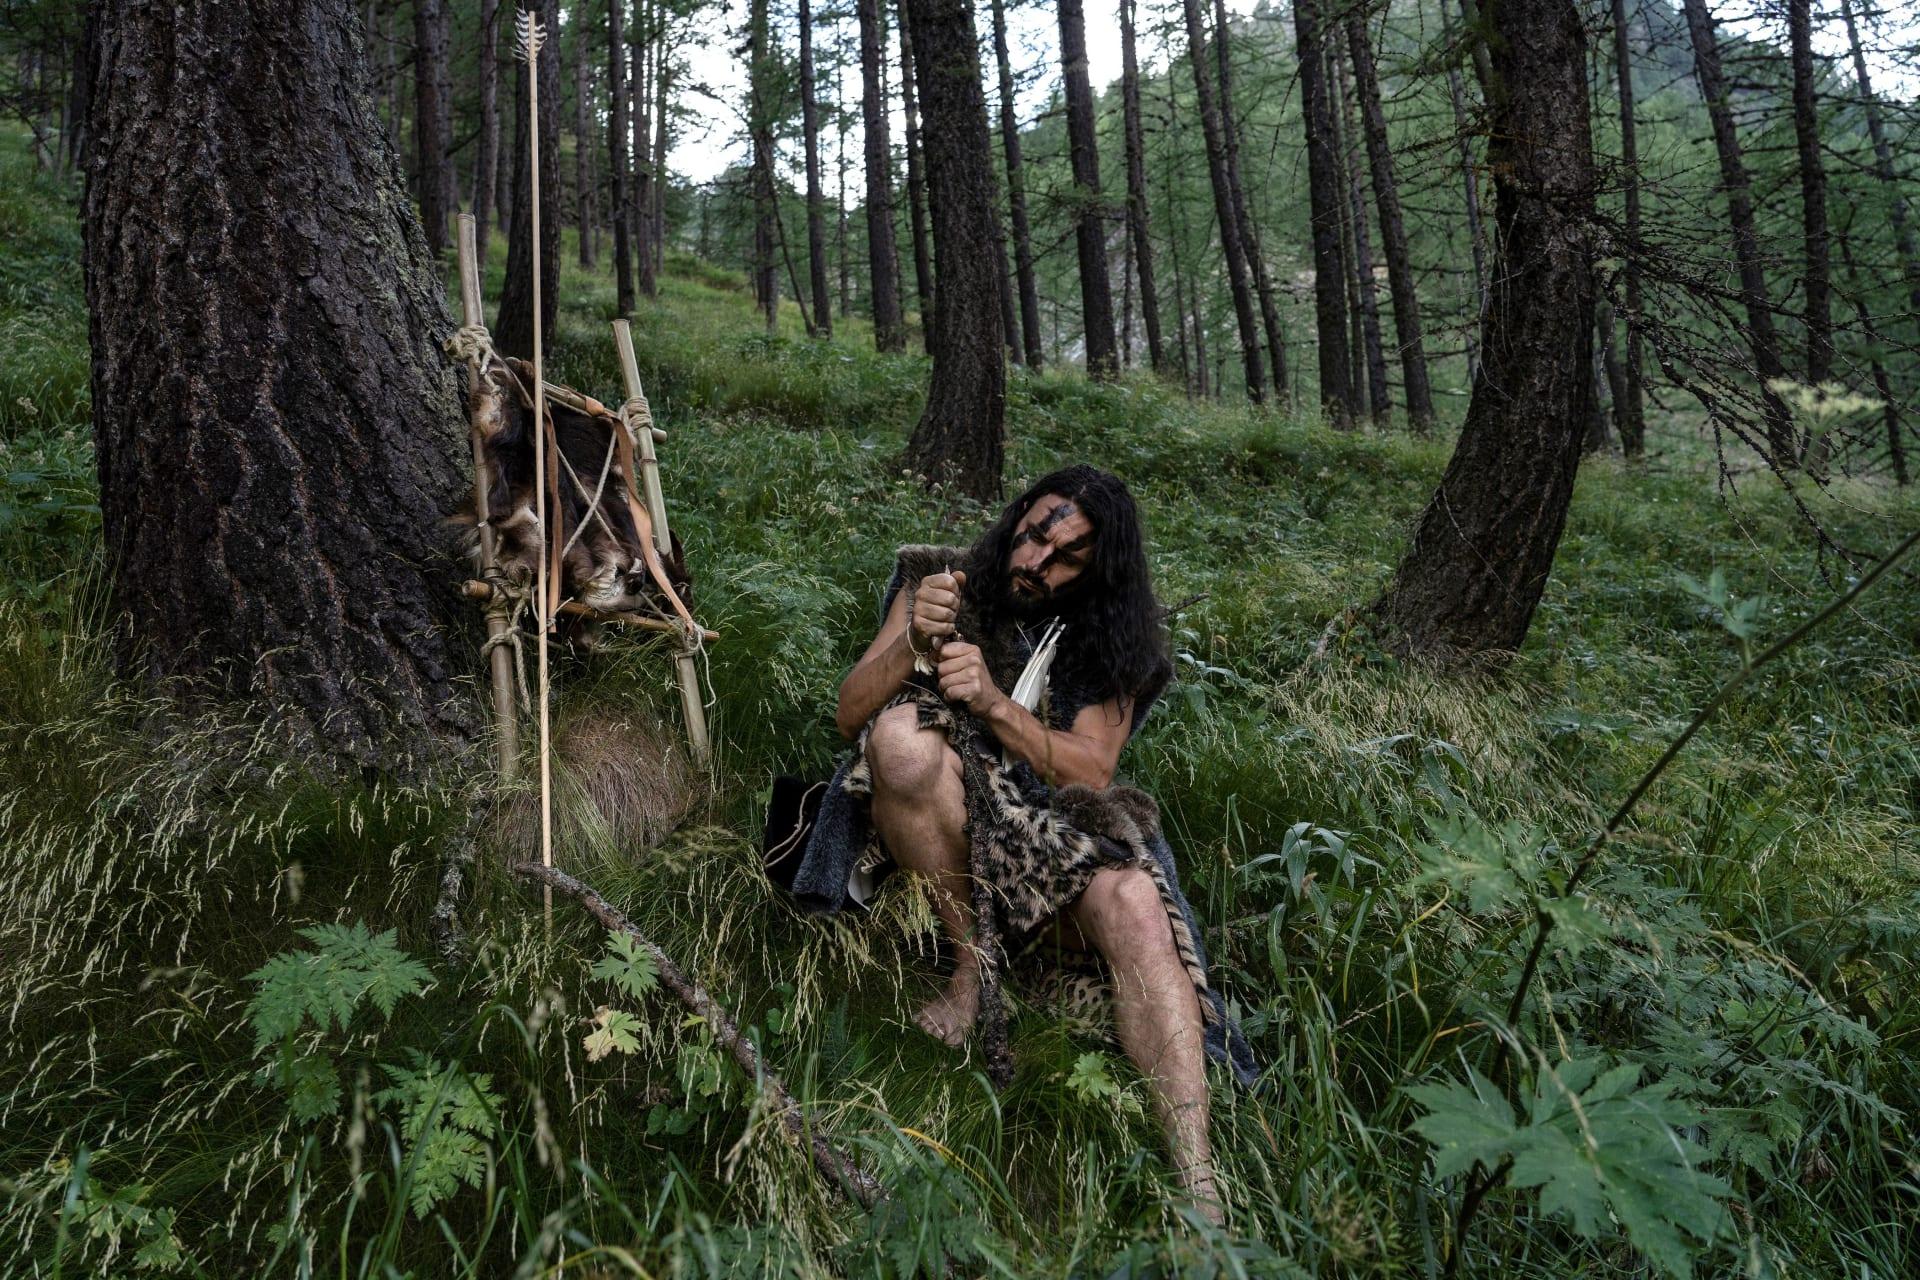 رجل يرتدي زي البشر البدائيين في جبال الألب الإيطالية، بالقرب من الحدود الفرنسية